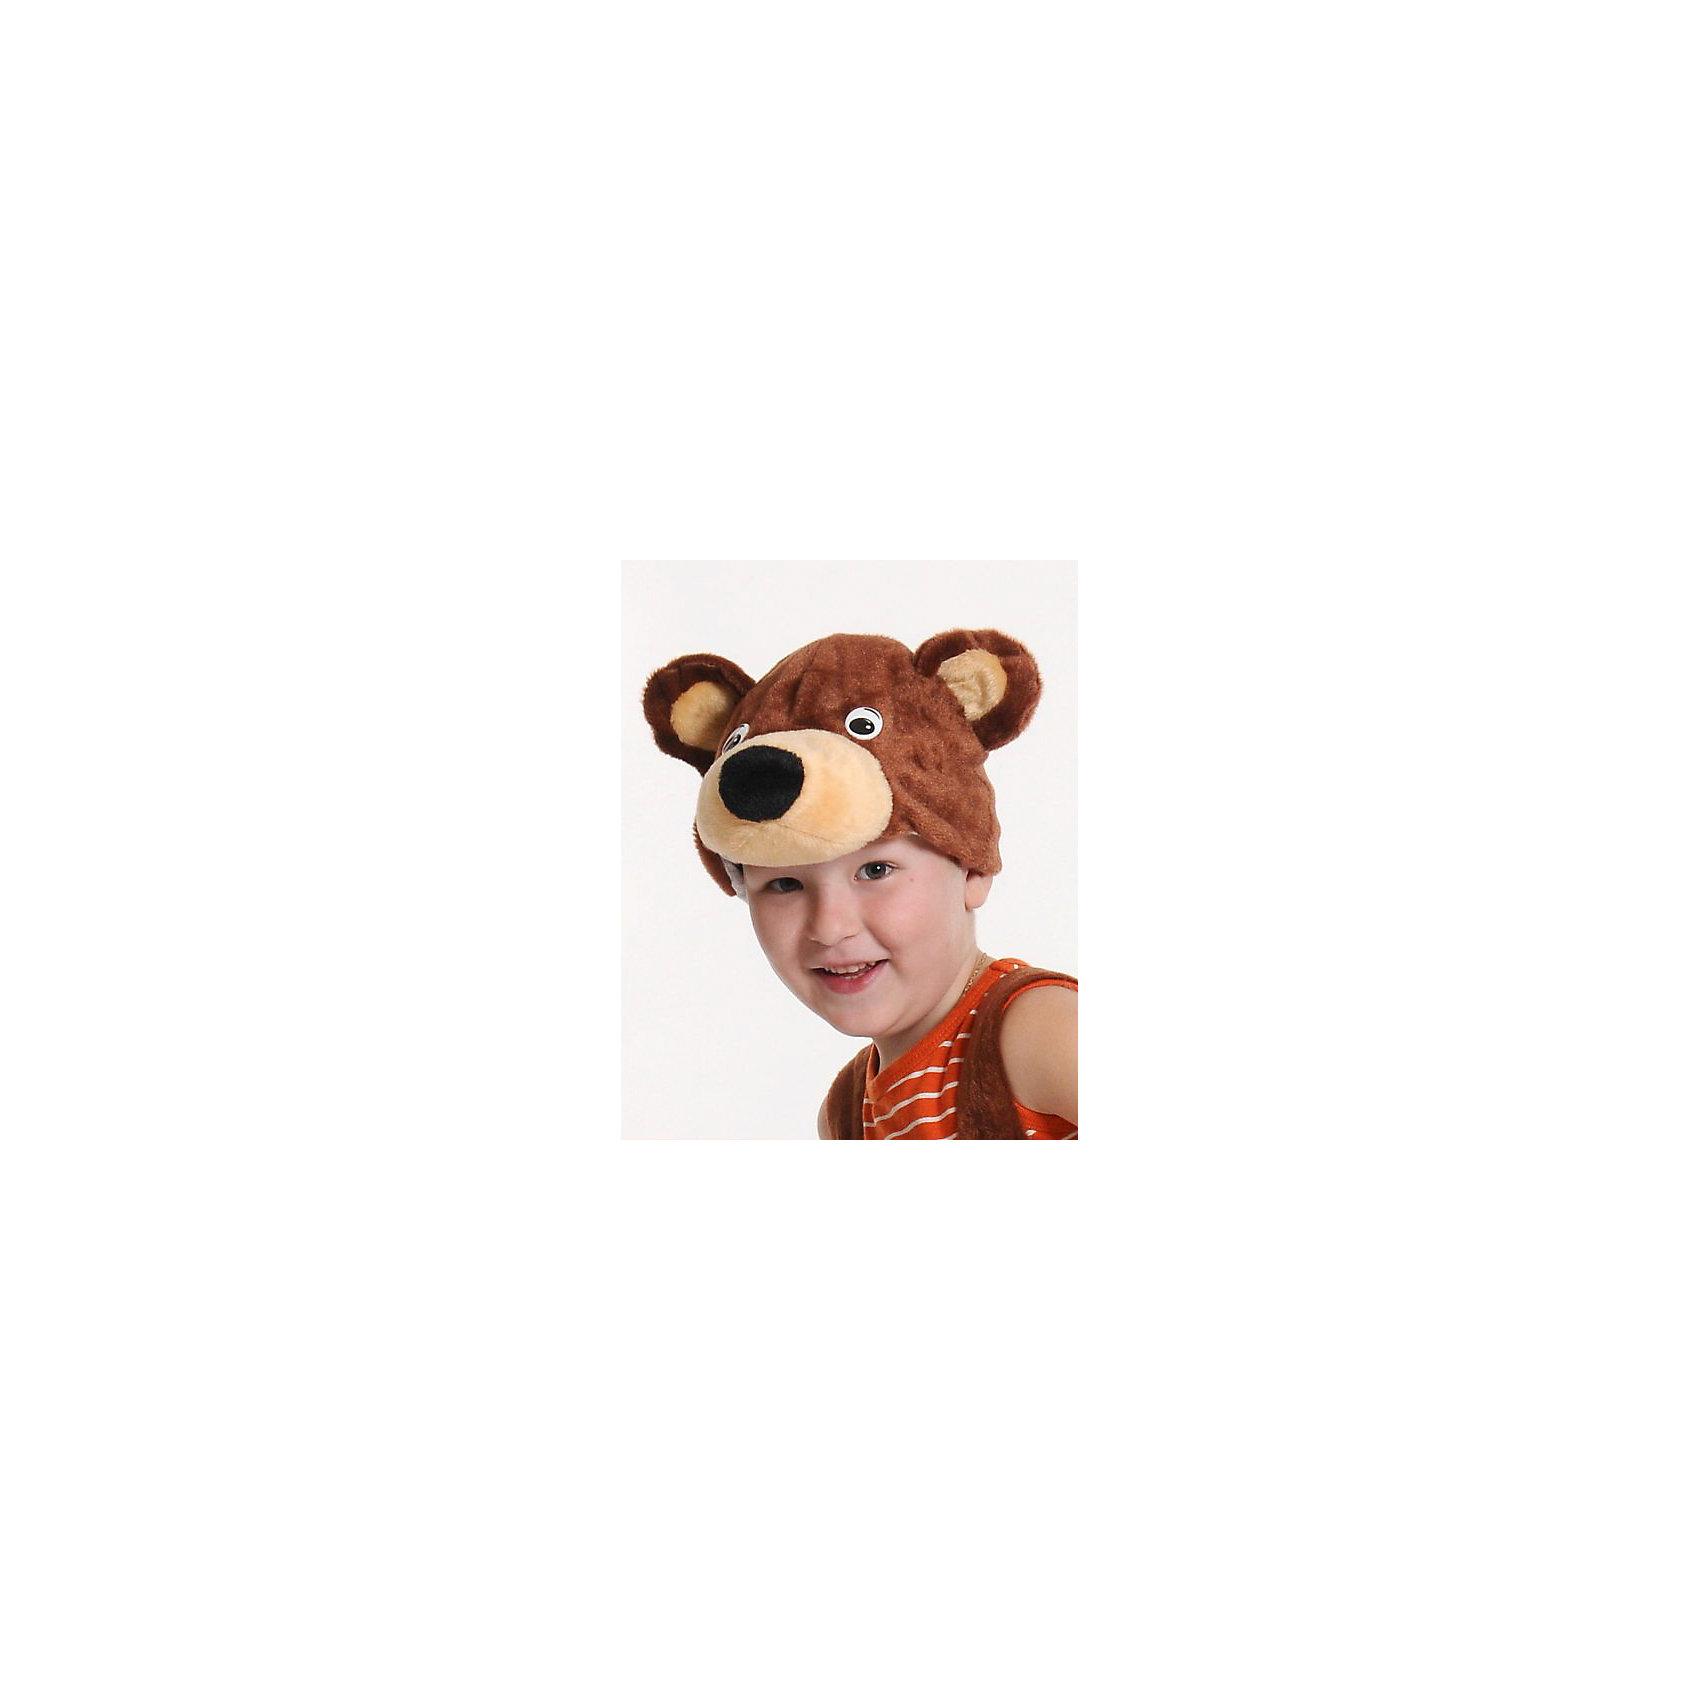 Маска Мишка бурый, КарнавалоффКарнавальные костюмы и аксессуары<br>Характеристики товара:<br><br>• цвет: коричневый<br>• комплектация: шапочка<br>• материал: текстиль, плюш<br>• для праздников и постановок<br>• размер маски: 20 x 17 x 16 см<br>• упаковка: пакет<br>• возраст: от 3 лет<br>• страна бренда: Российская Федерация<br>• страна изготовитель: Российская Федерация<br><br>Новогодние праздники - отличная возможность перевоплотиться в кого угодно, надев маскарадный костюм. Эта маска позволит ребенку мгновенно превратиться в медведя!<br>Она сделана в виде шапочки, которая подойдет дошкольникам и младшим школьникам - изделие рассчитано на возраст от 3 лет. Такие маски удобно сидят и позволяют ребенку наслаждаться праздником или принимать участие в постановке. Модель хорошо проработана, сшита из качественных и проверенных материалов, которые безопасны для детей.<br><br>Маску Мишка бурый от бренда Карнавалофф можно купить в нашем интернет-магазине.<br><br>Ширина мм: 200<br>Глубина мм: 260<br>Высота мм: 30<br>Вес г: 68<br>Возраст от месяцев: 36<br>Возраст до месяцев: 96<br>Пол: Мужской<br>Возраст: Детский<br>SKU: 5177210